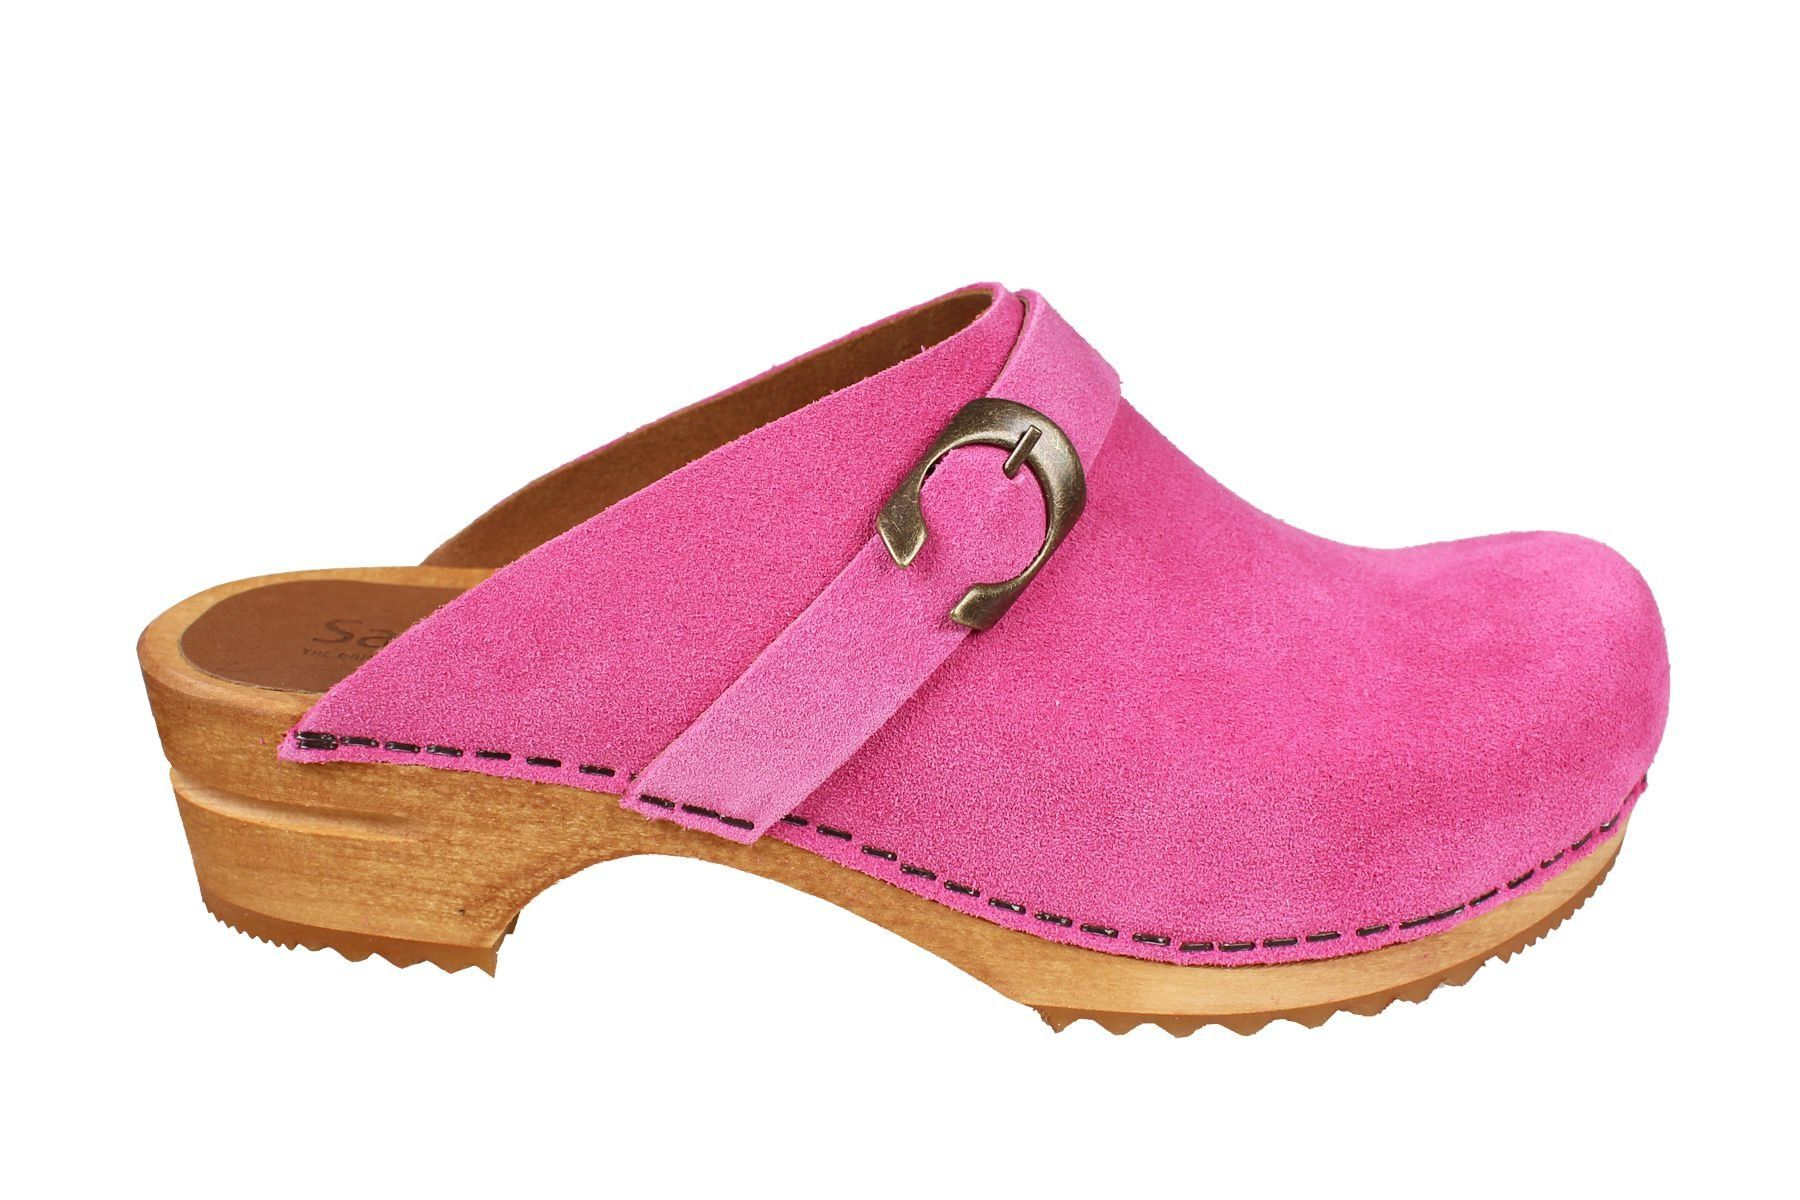 Sanita Hedi Classic Clog in Pink Suede